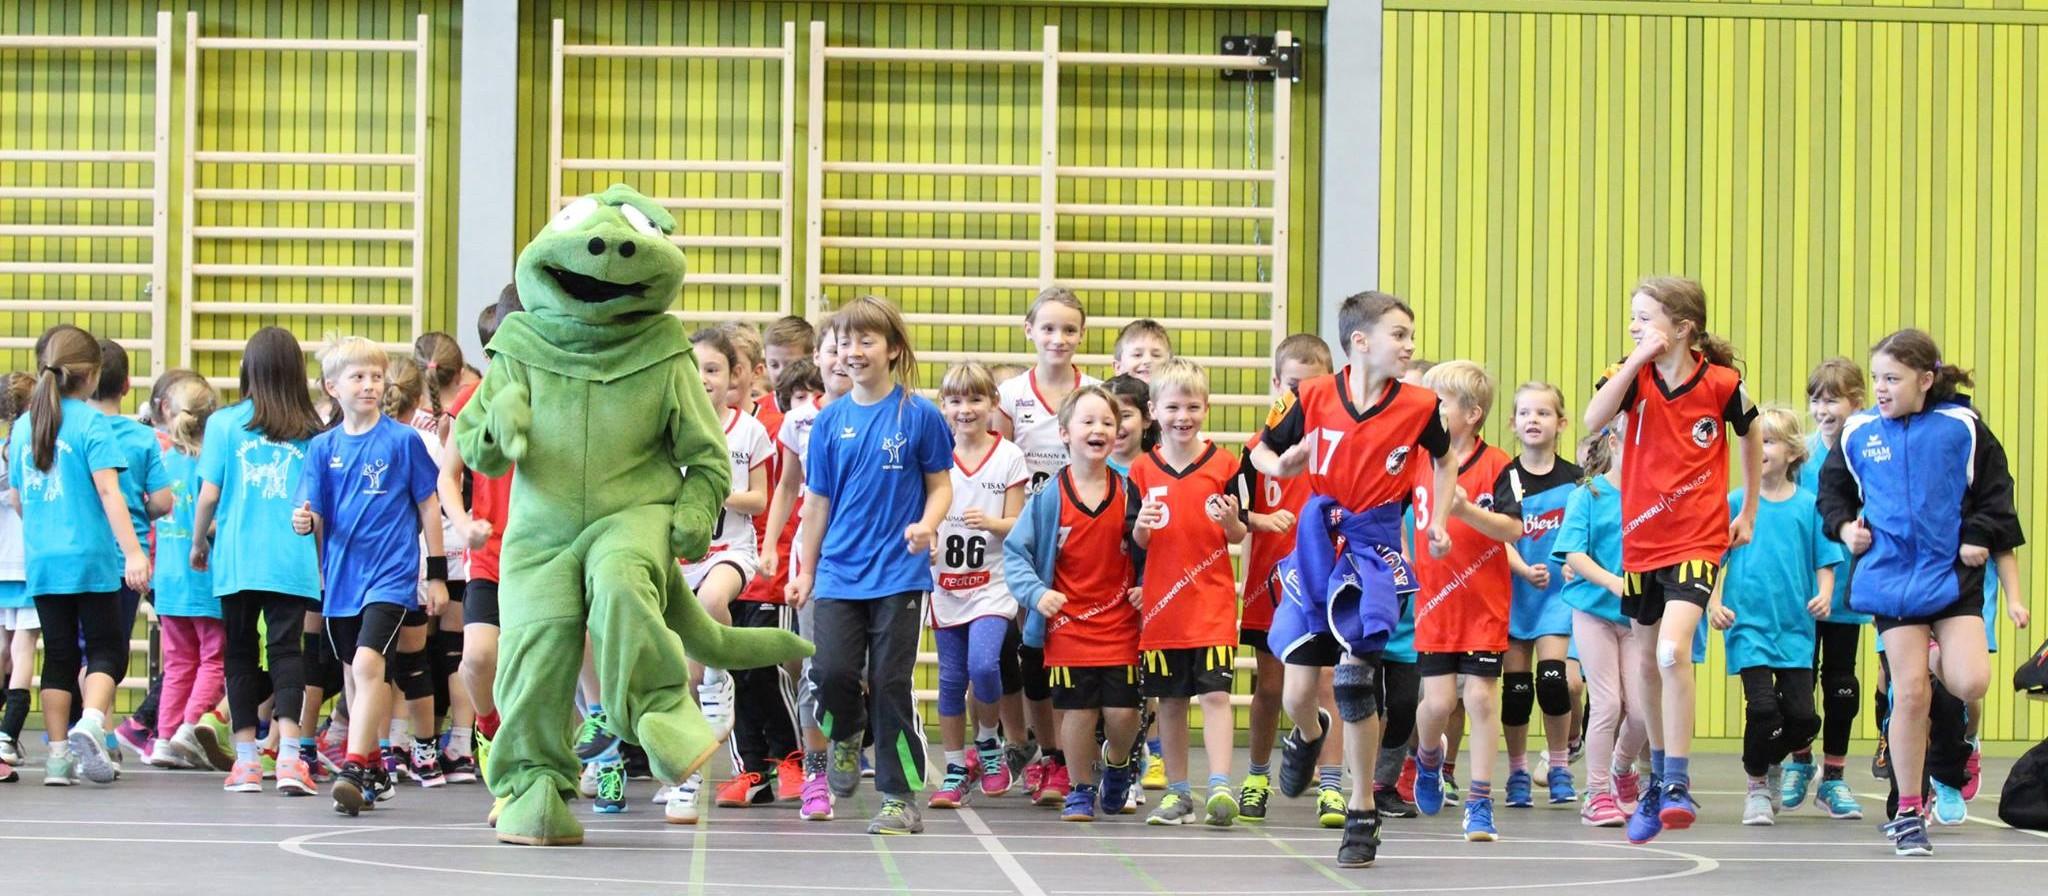 Nationaler Kids Volley Spieltag in Malters